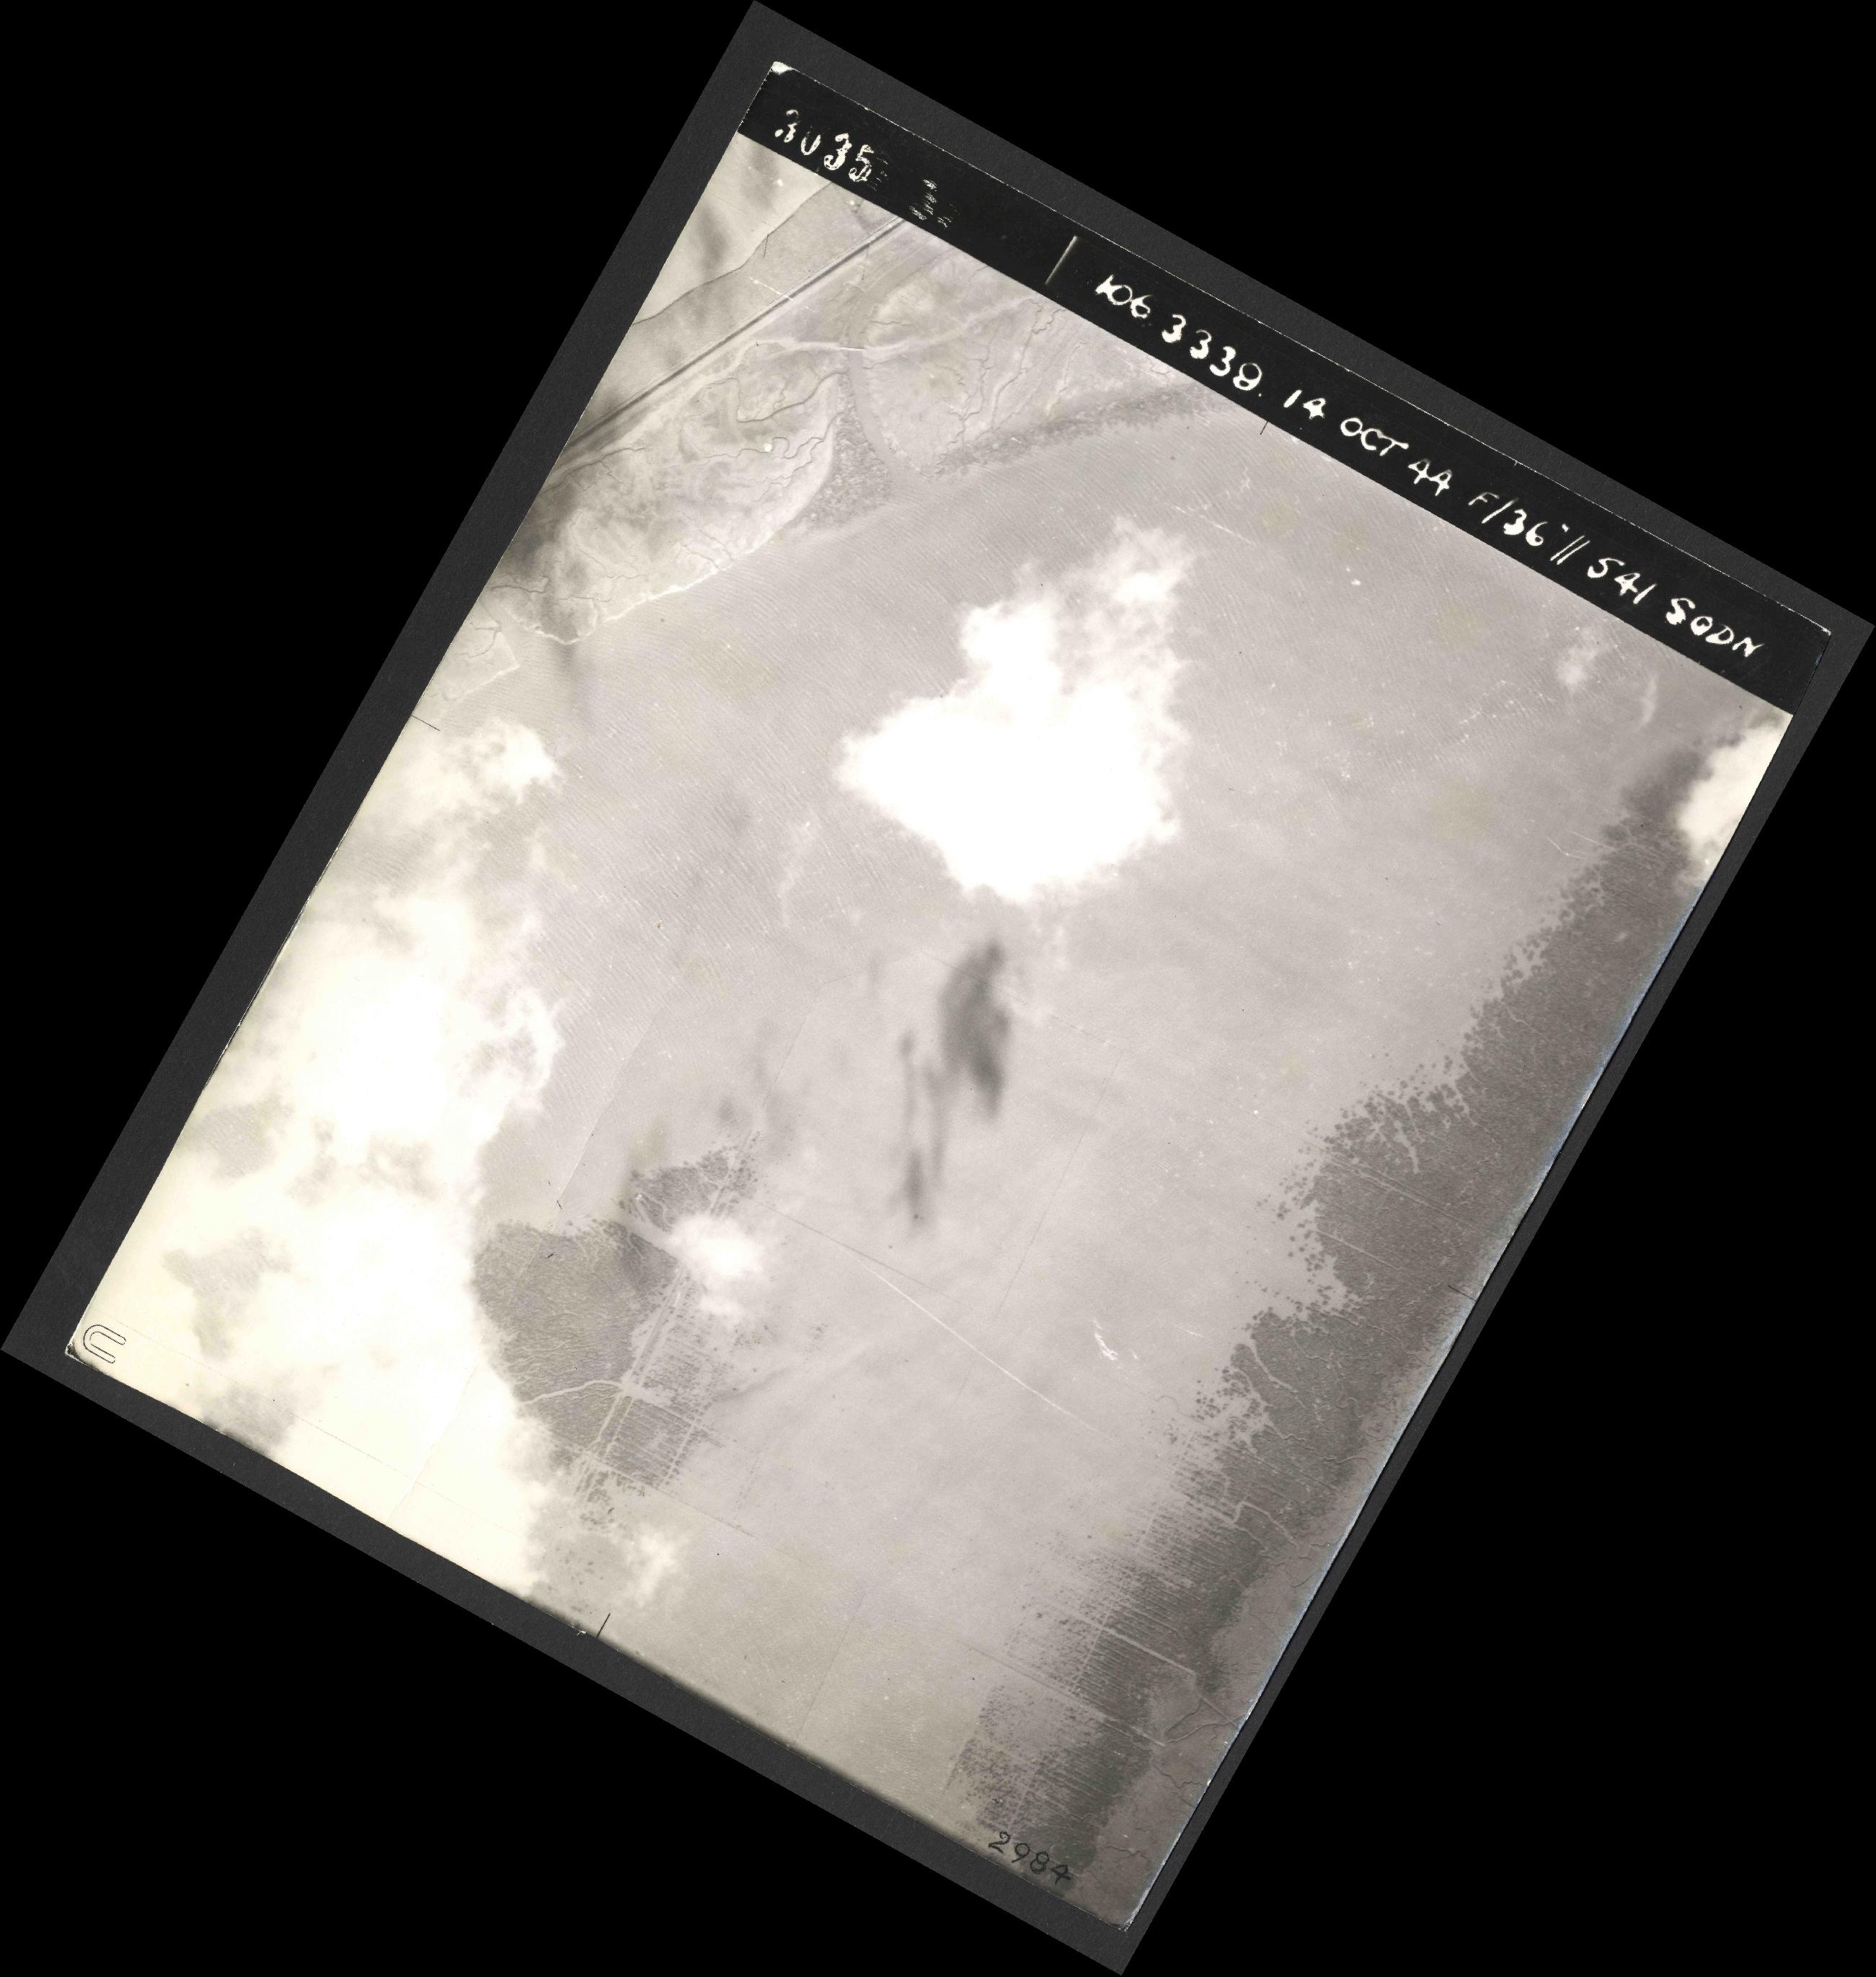 Collection RAF aerial photos 1940-1945 - flight 042, run 09, photo 3035